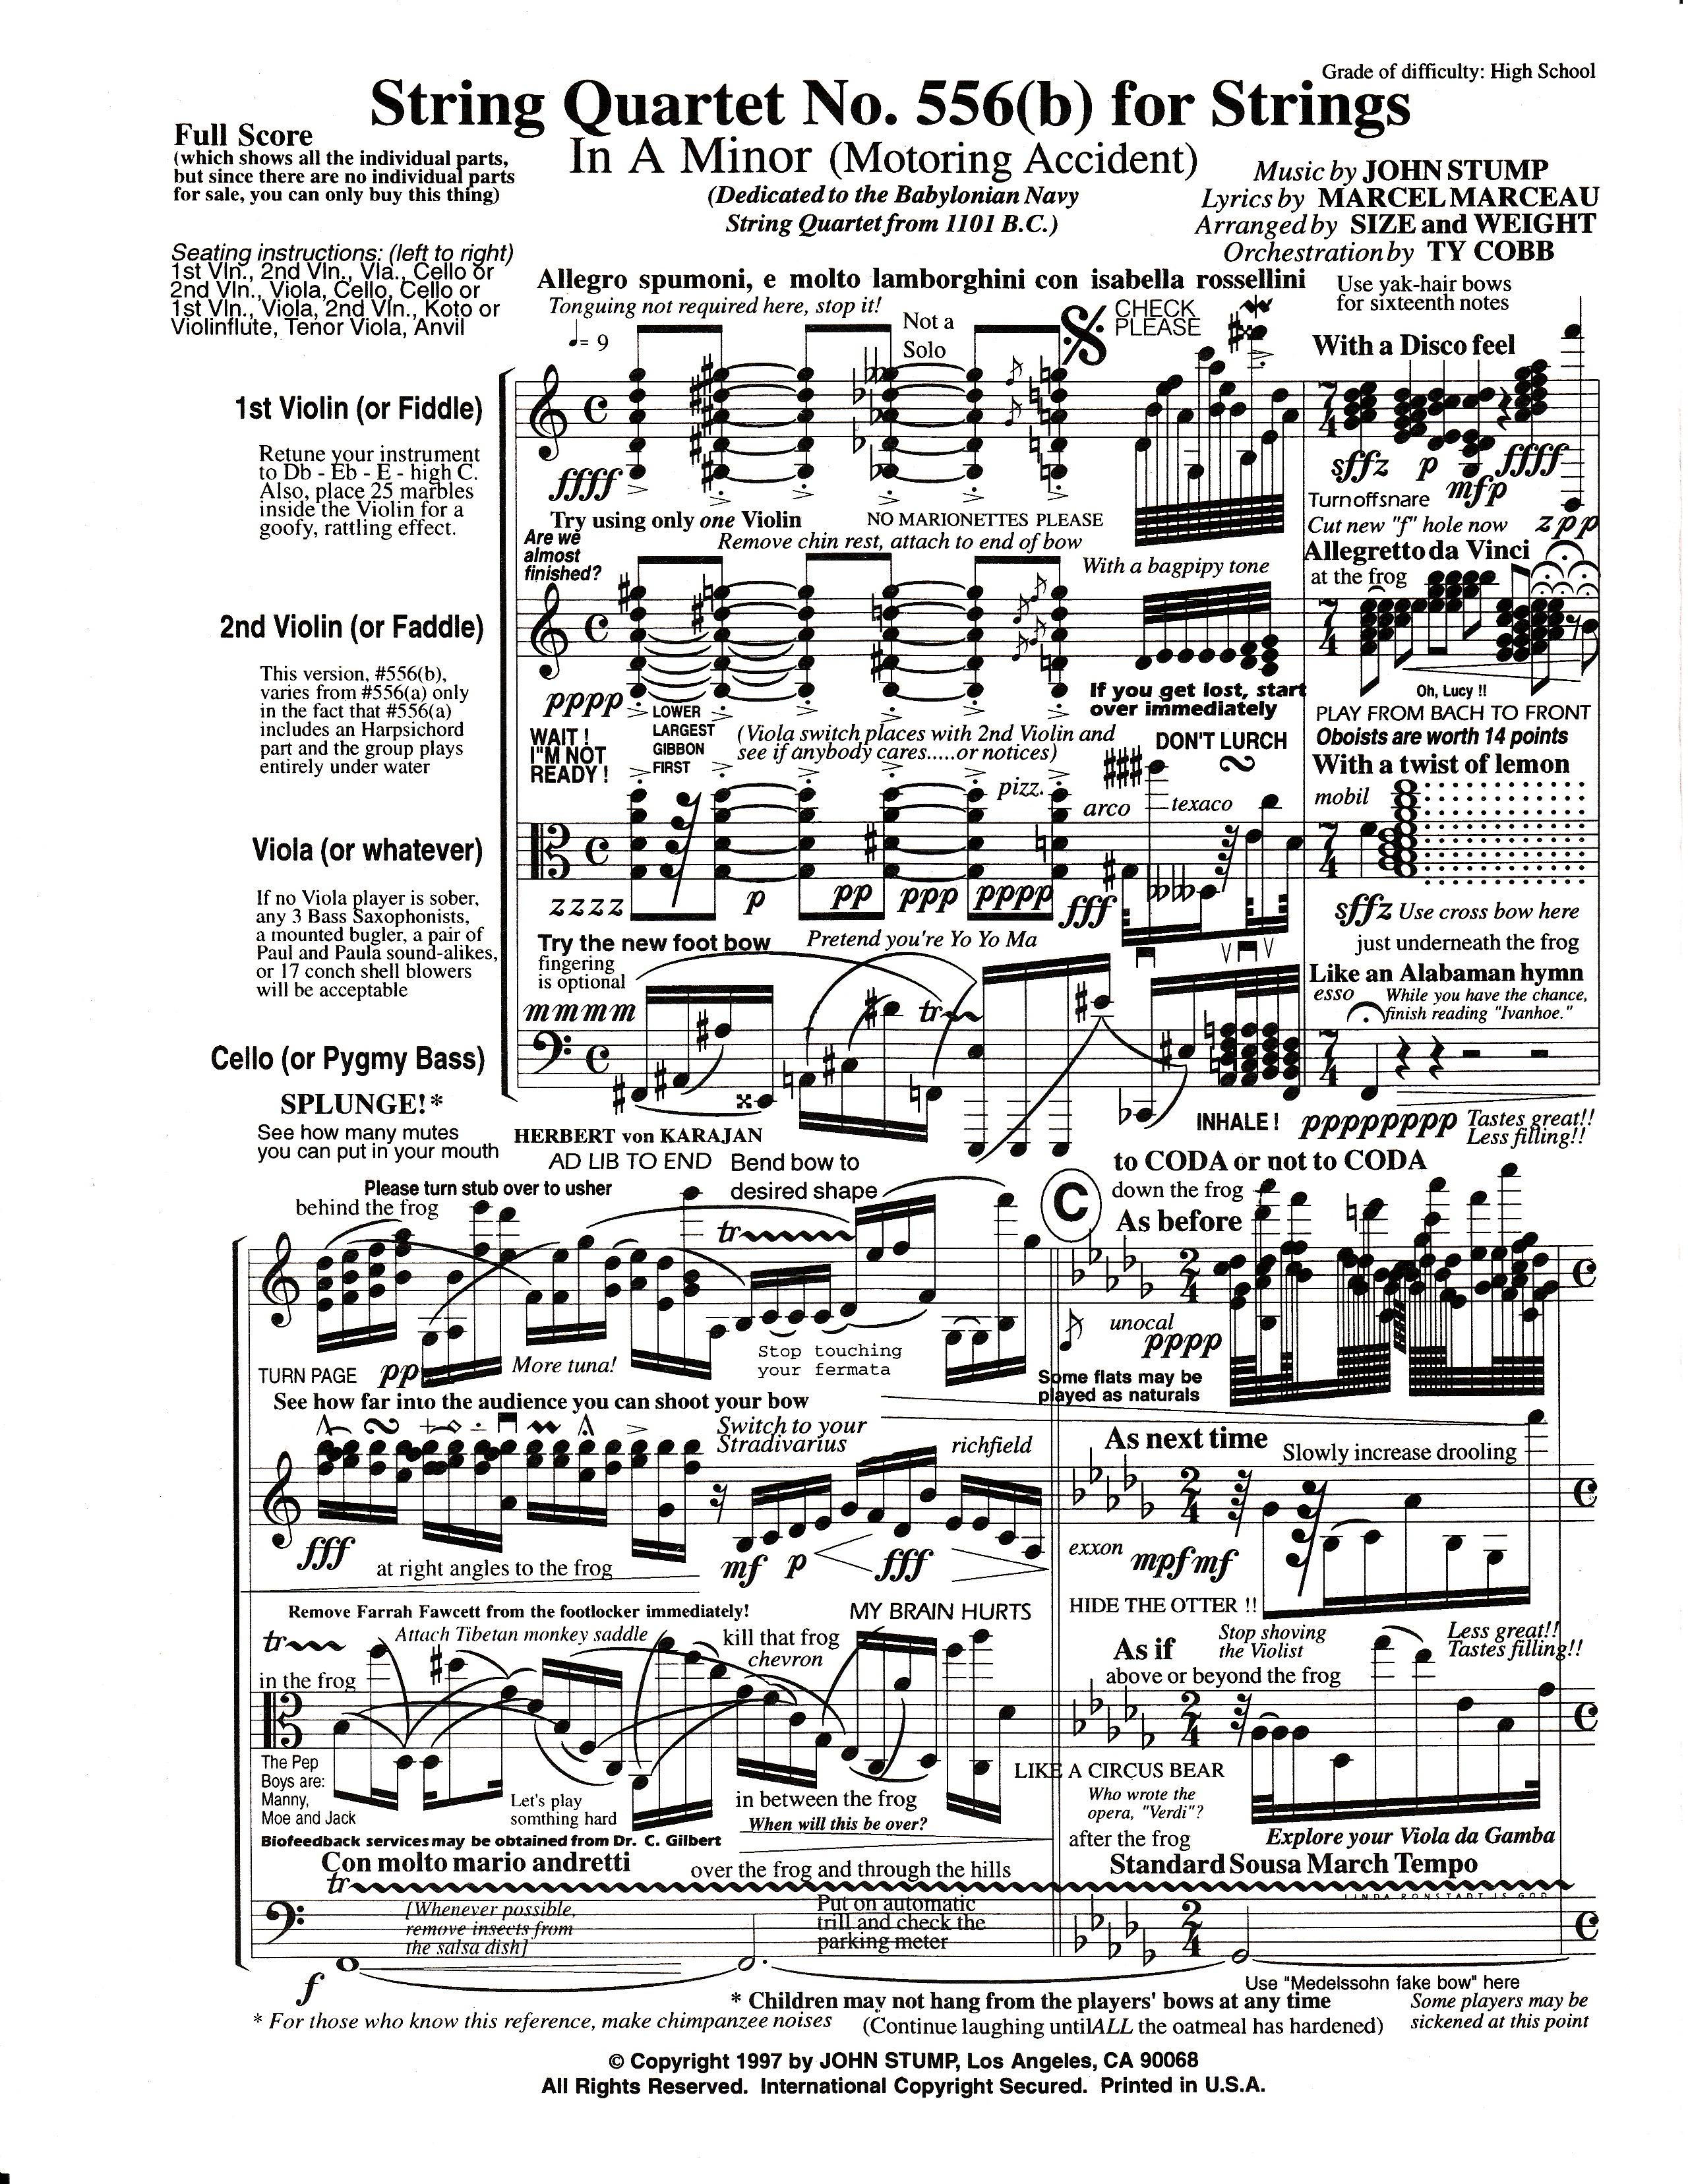 69 『非歌曲类钢琴谱上传区 』 69 【原创】【谱子很牛·曲子难听